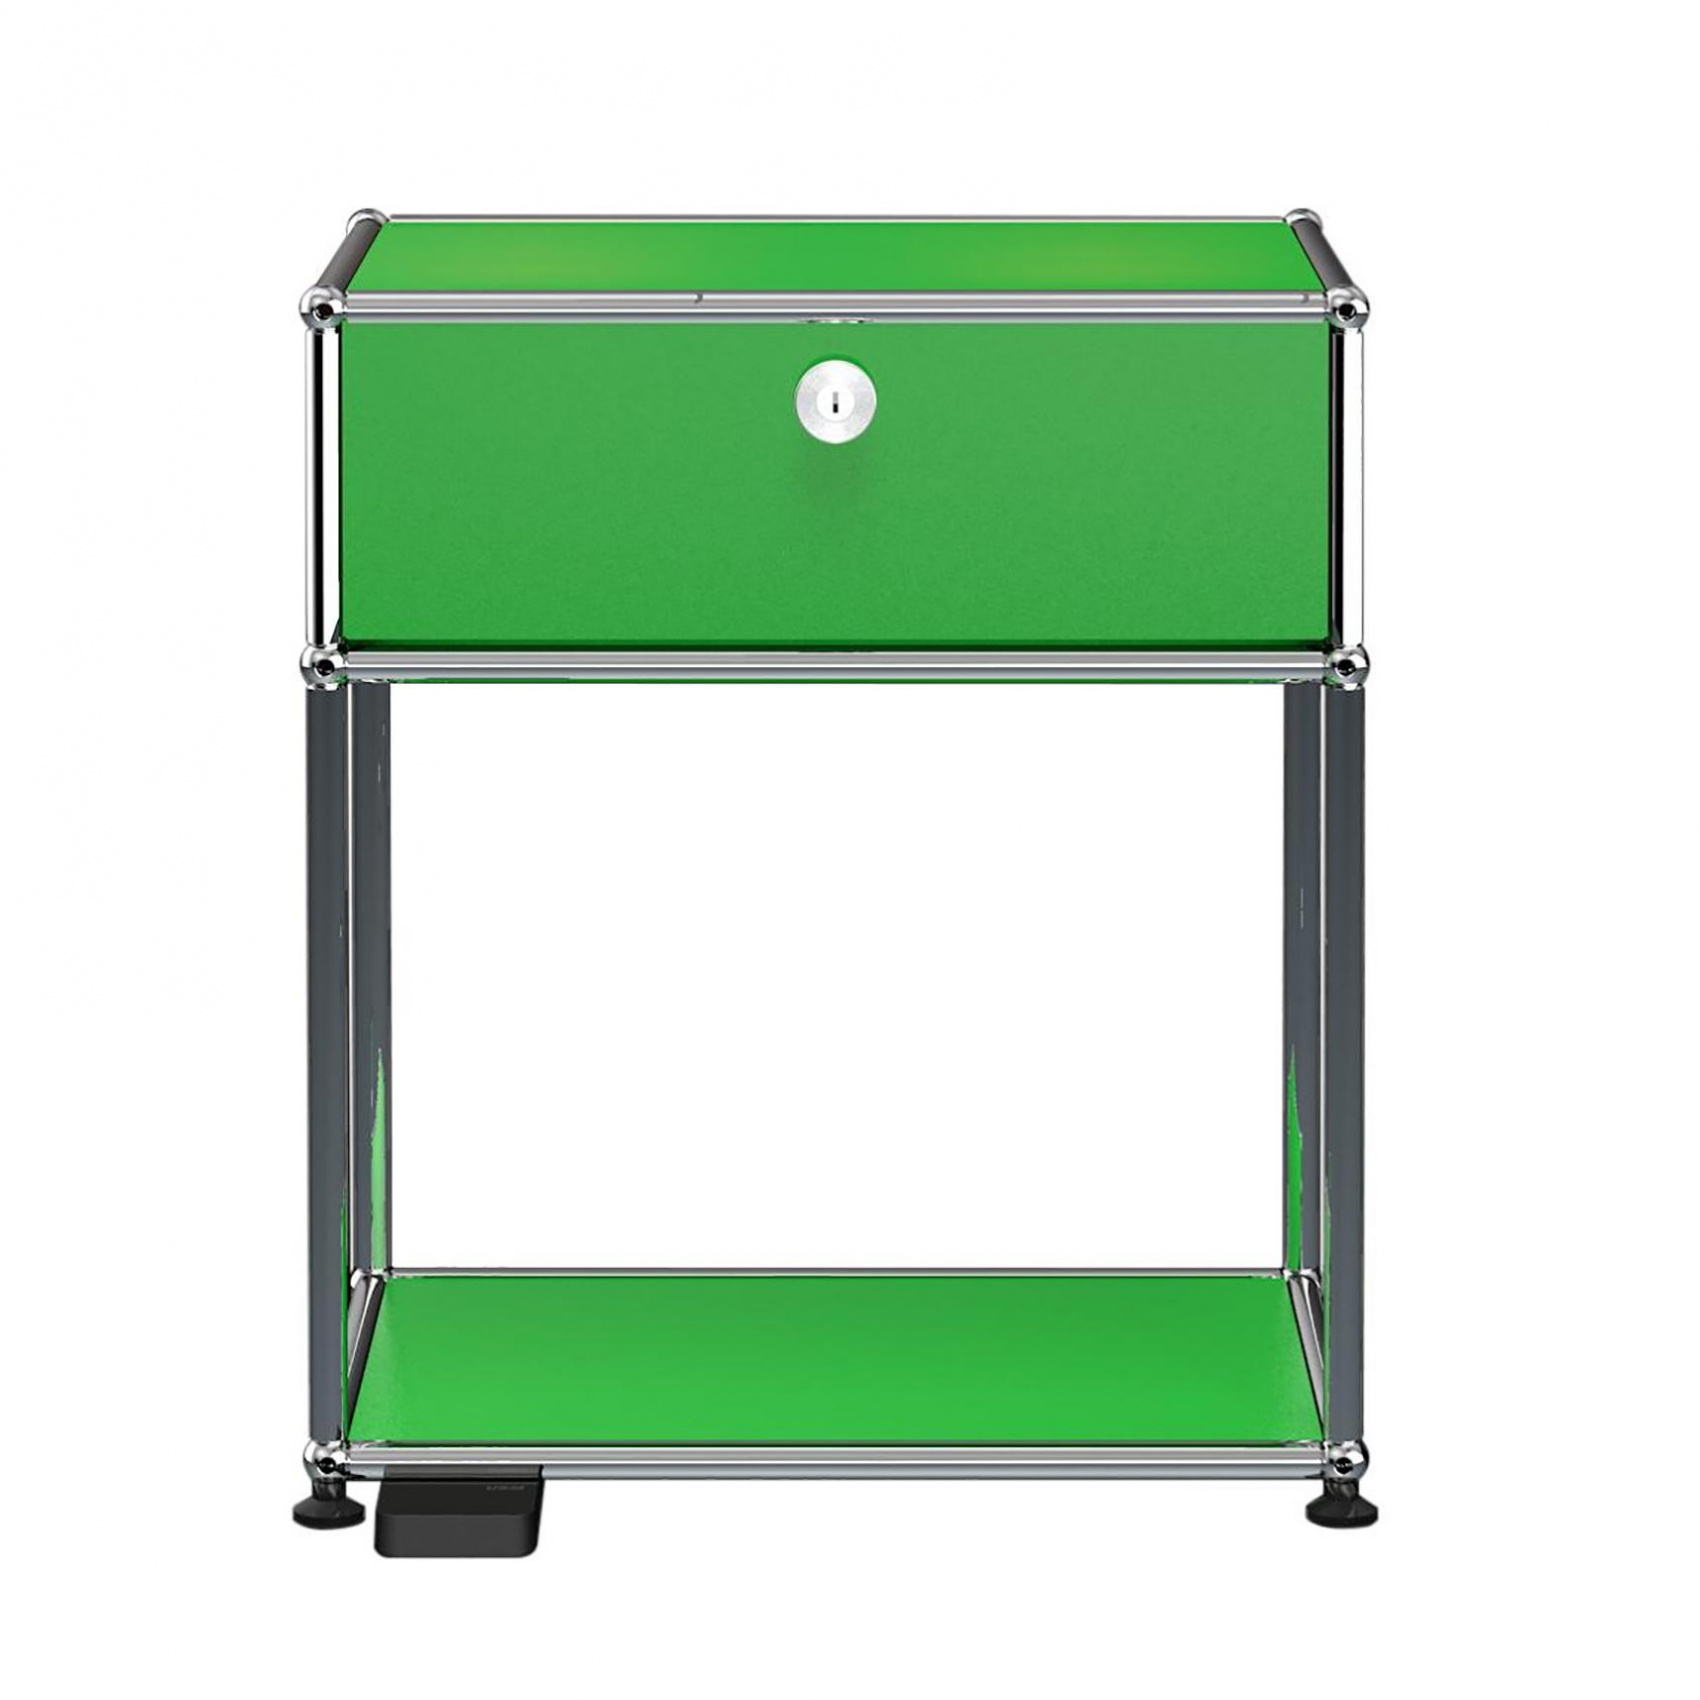 USM E Nachttisch mit dimmbarem Licht - USM grün/mit einer Klapptür/mit dimmbarem Licht | Schlafzimmer > Nachttische | Usm grün | Stahl verchromt | USM